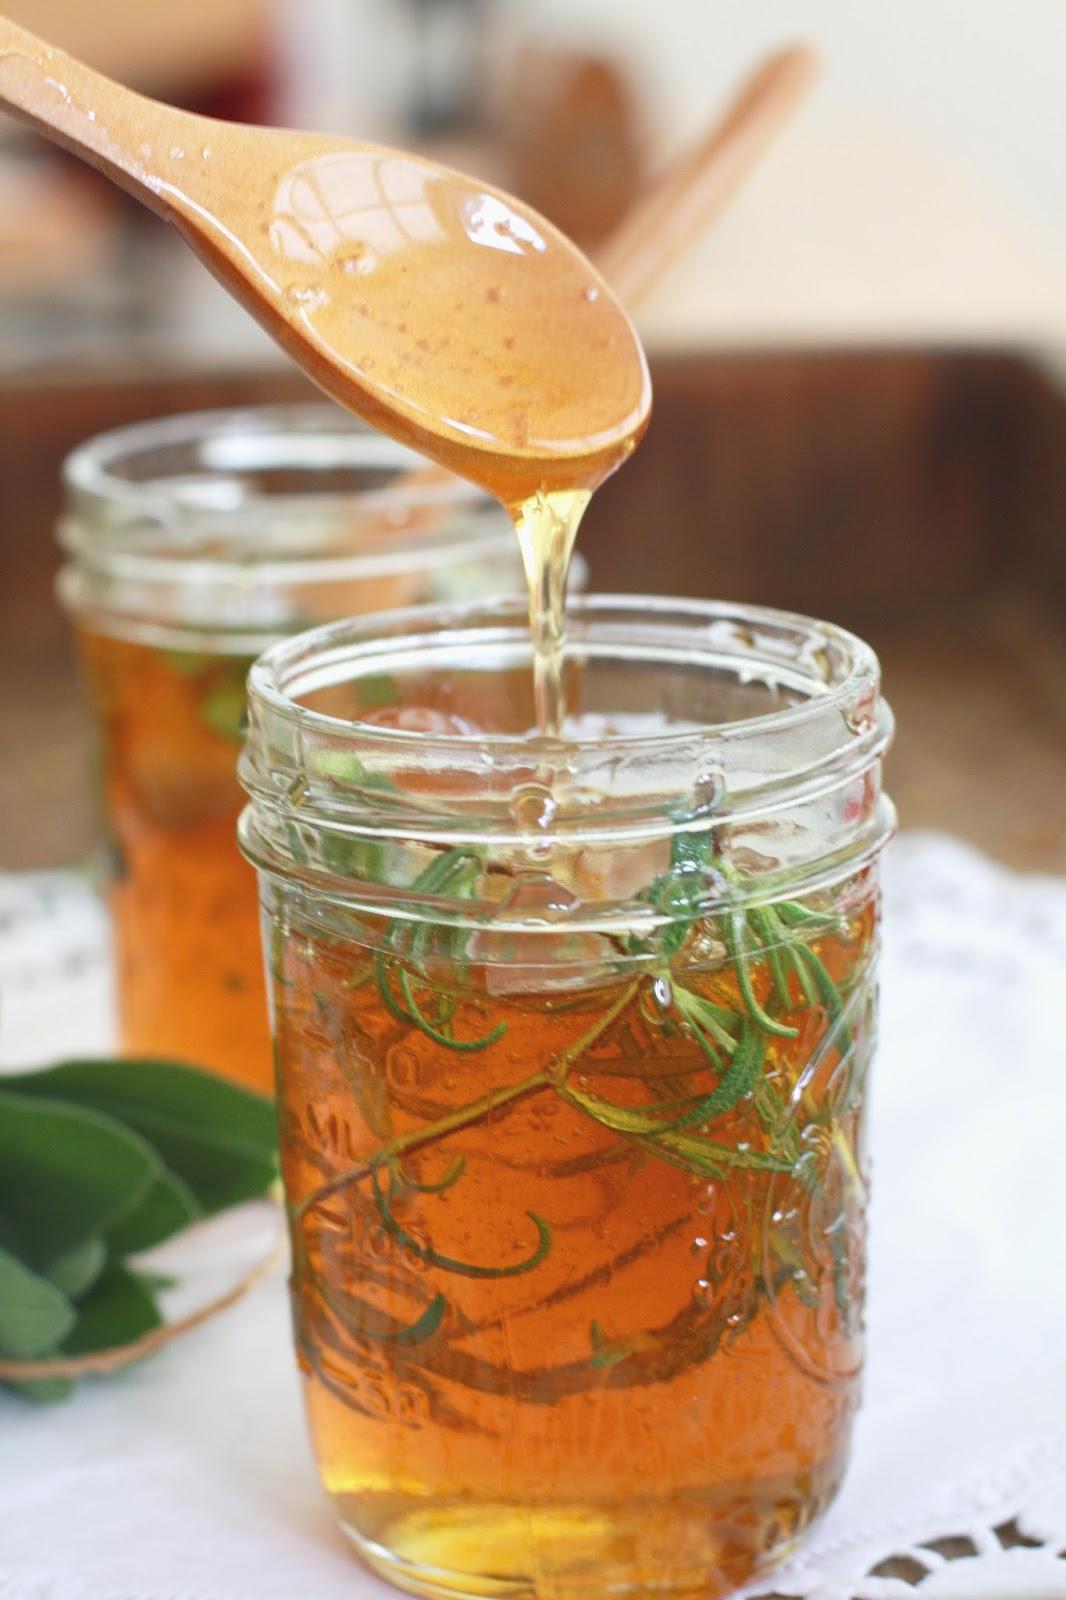 Целебный мед с травами - лекарственный рецепт приготовления 61